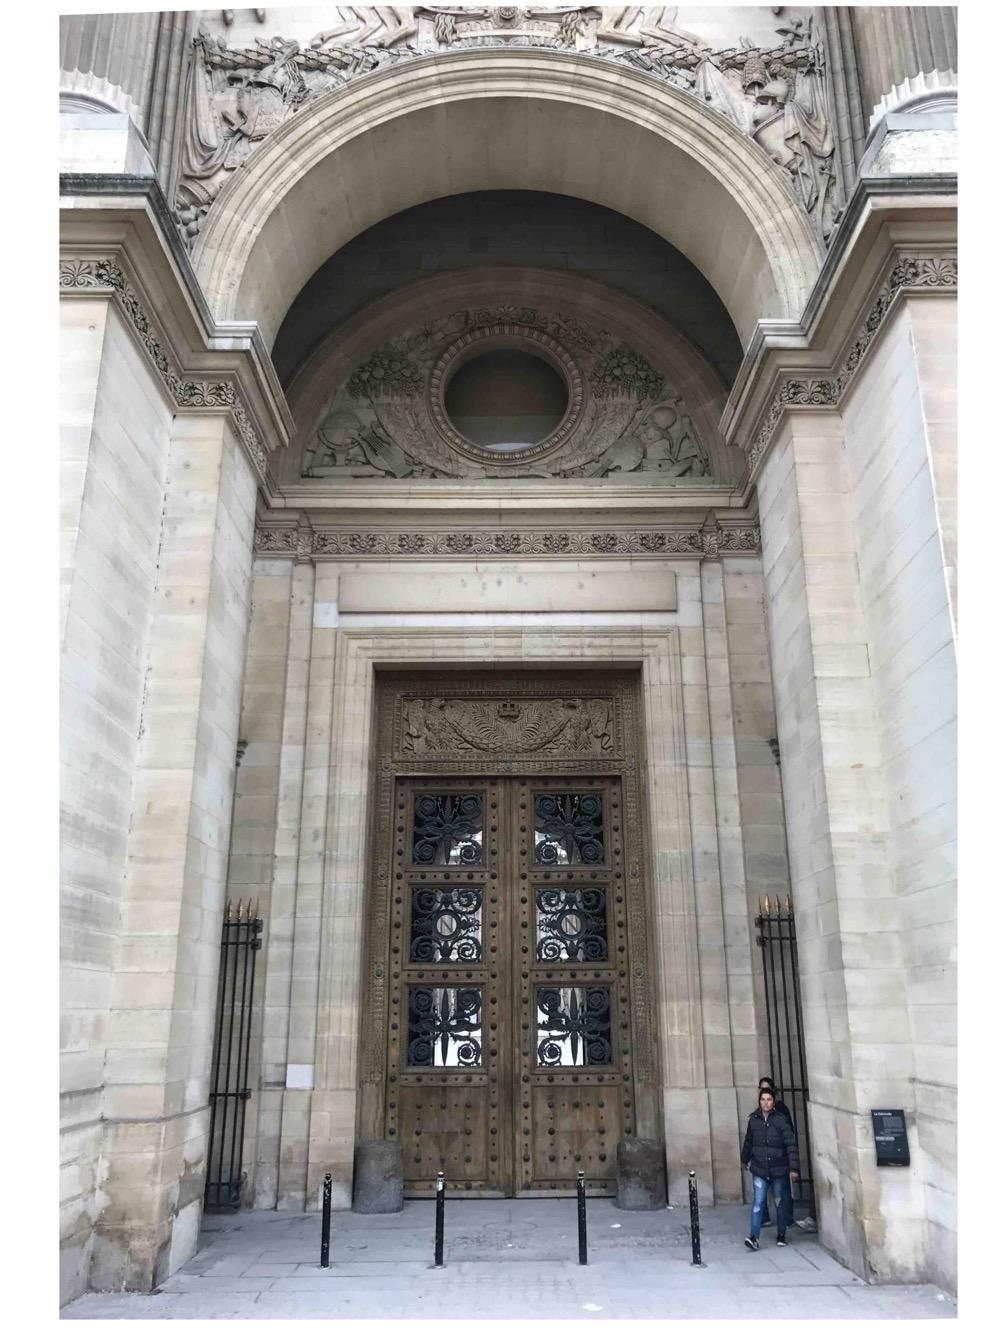 Porte Orientale Du Palais Du Louvre Royal - Rue De L'amiral De Coligny - Paris 1er